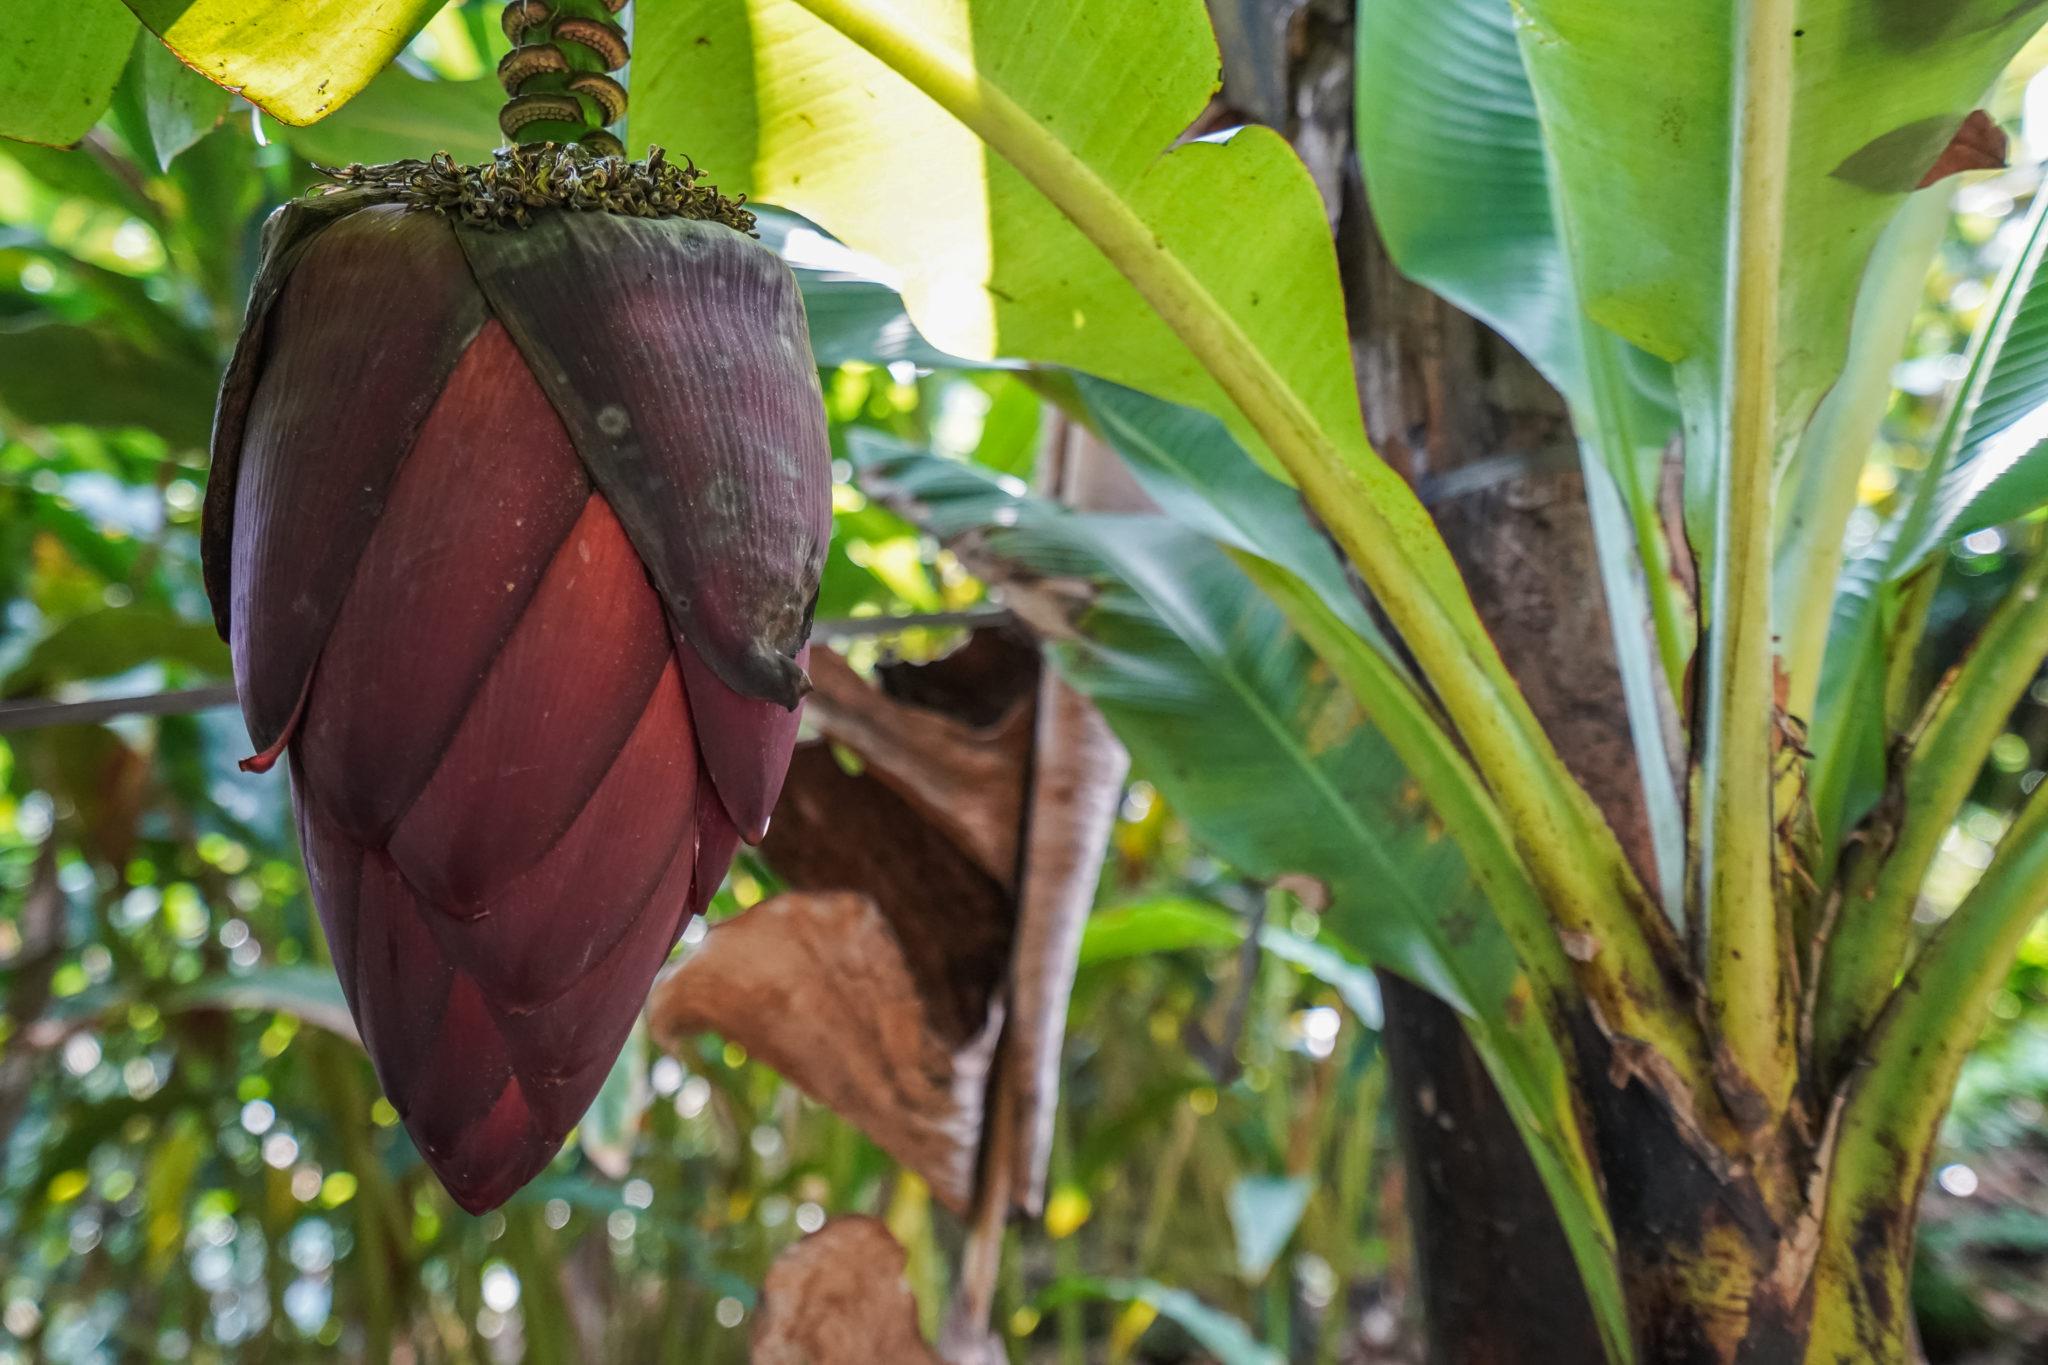 ferme-épices-munnar-inde-visite-plantations